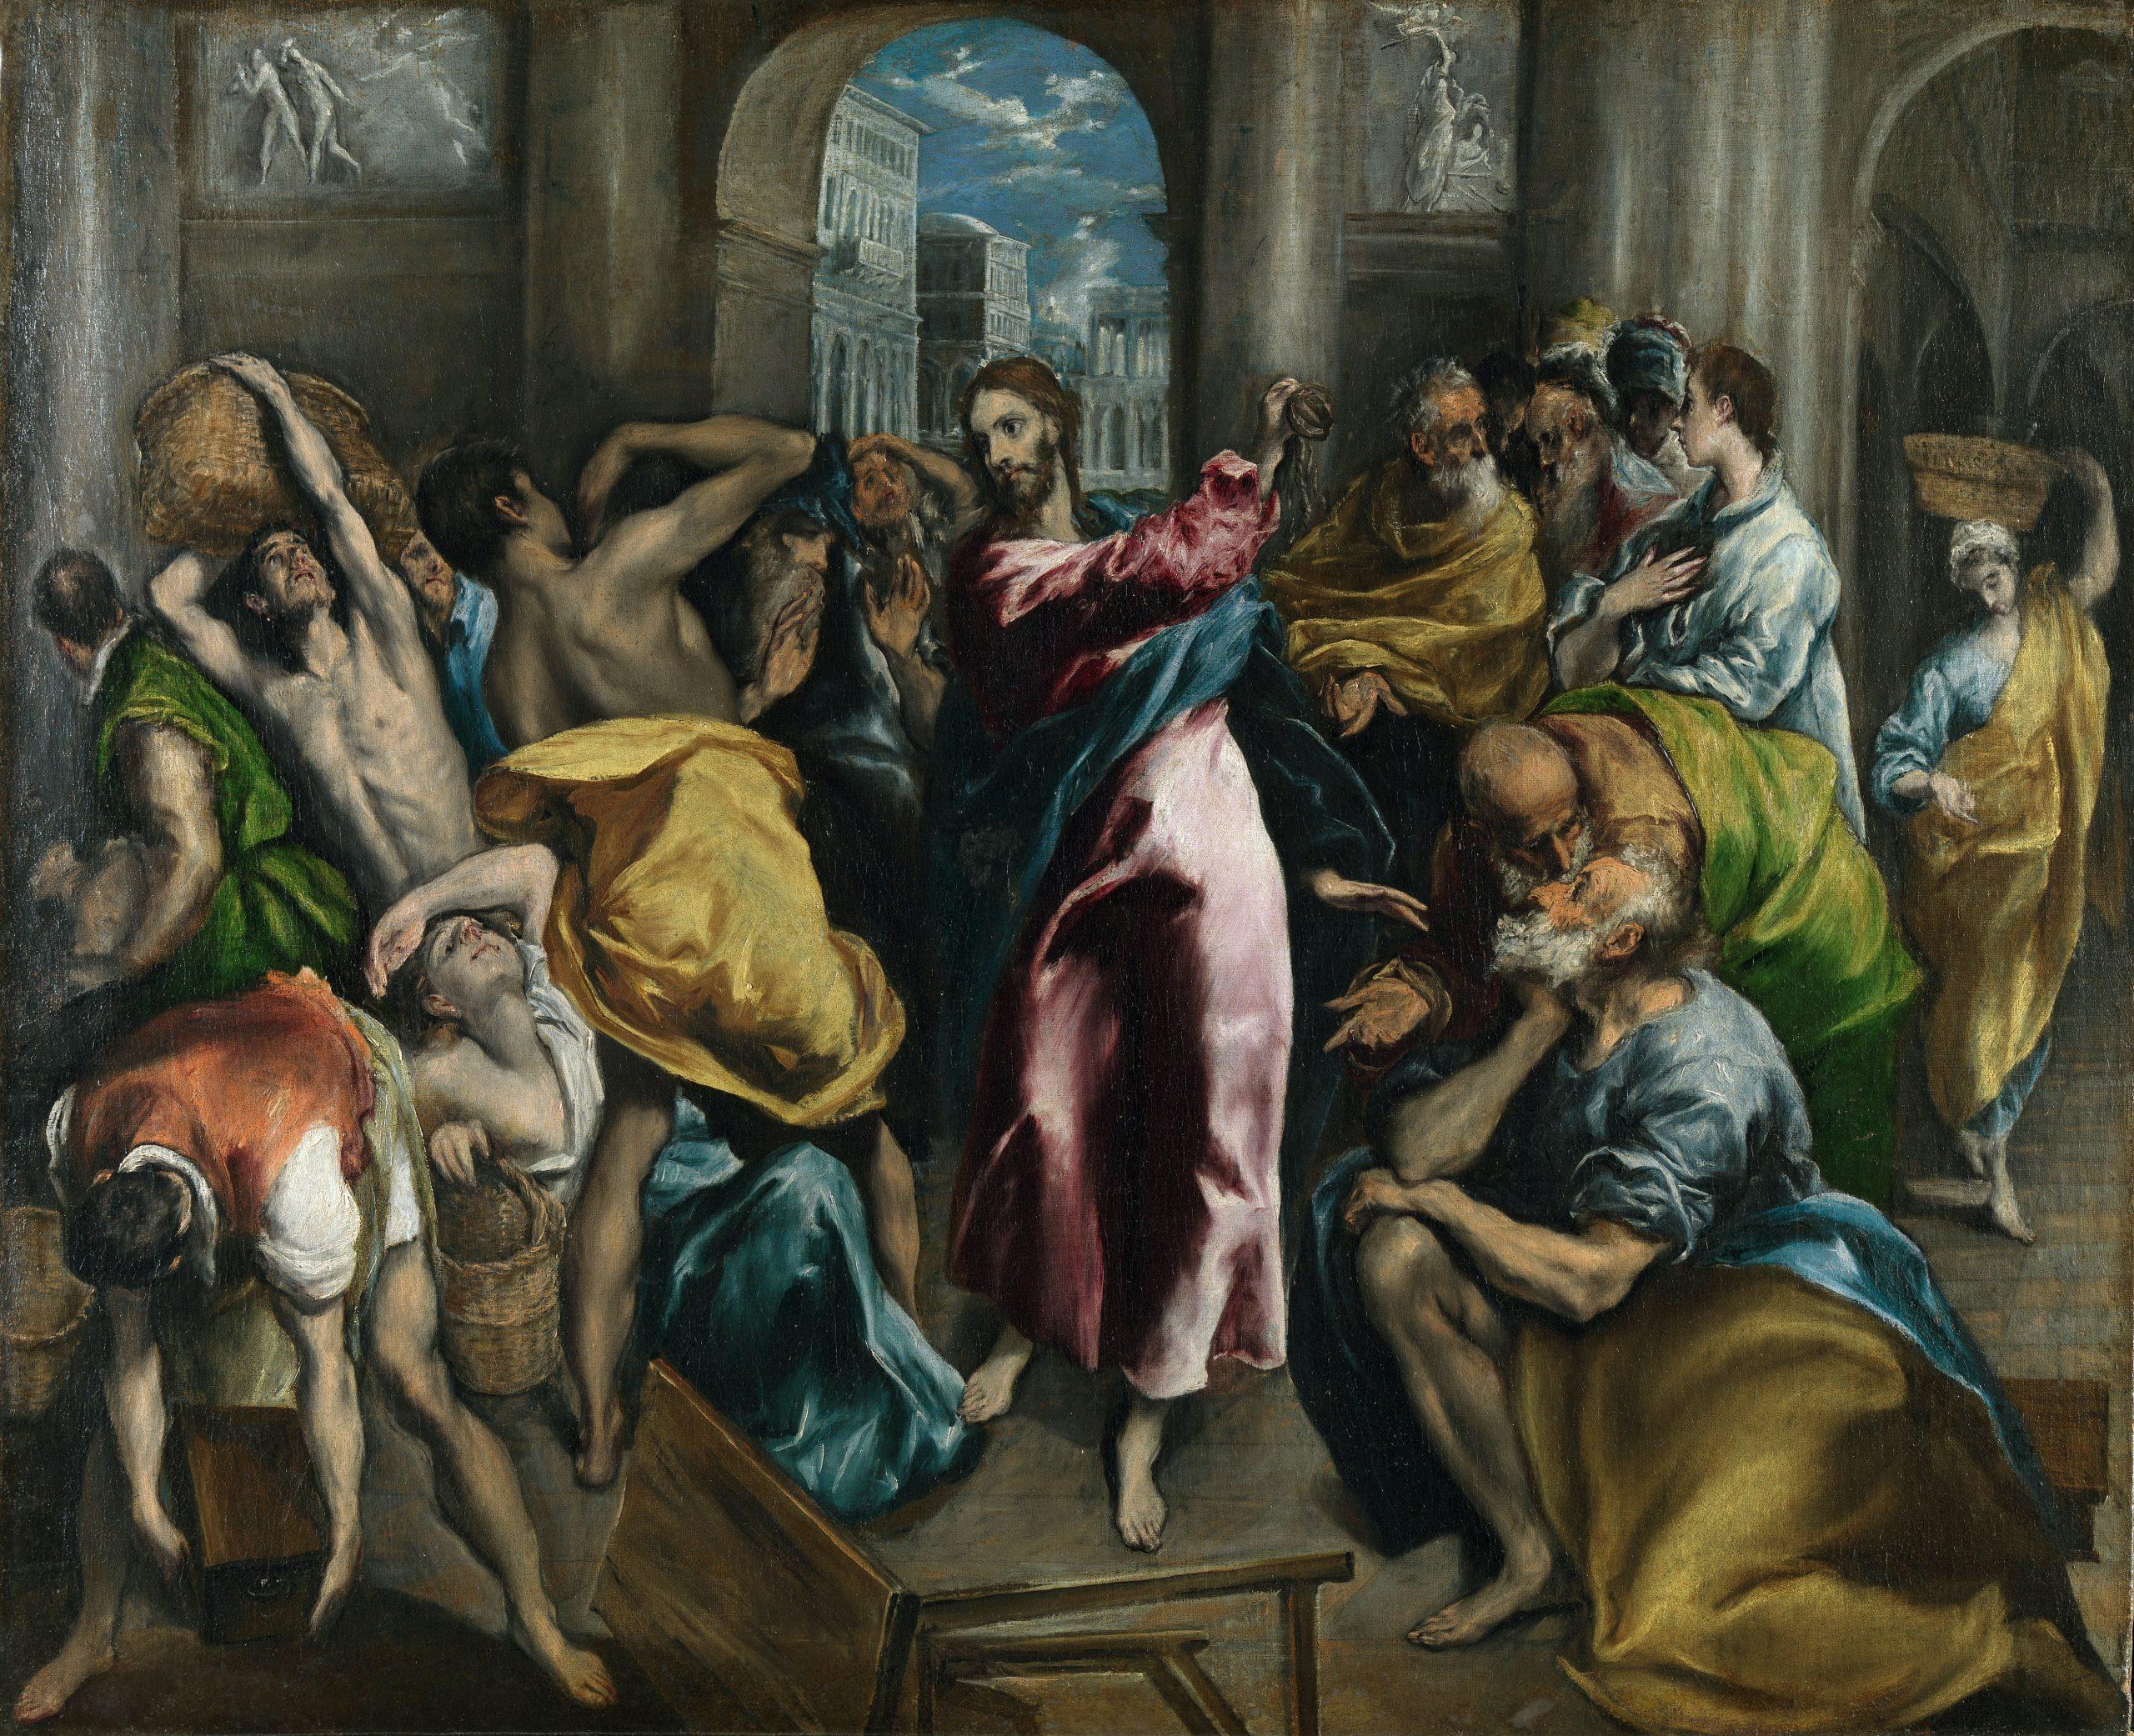 Cristo, fundador del antiimperialismo Por Atilio Borón